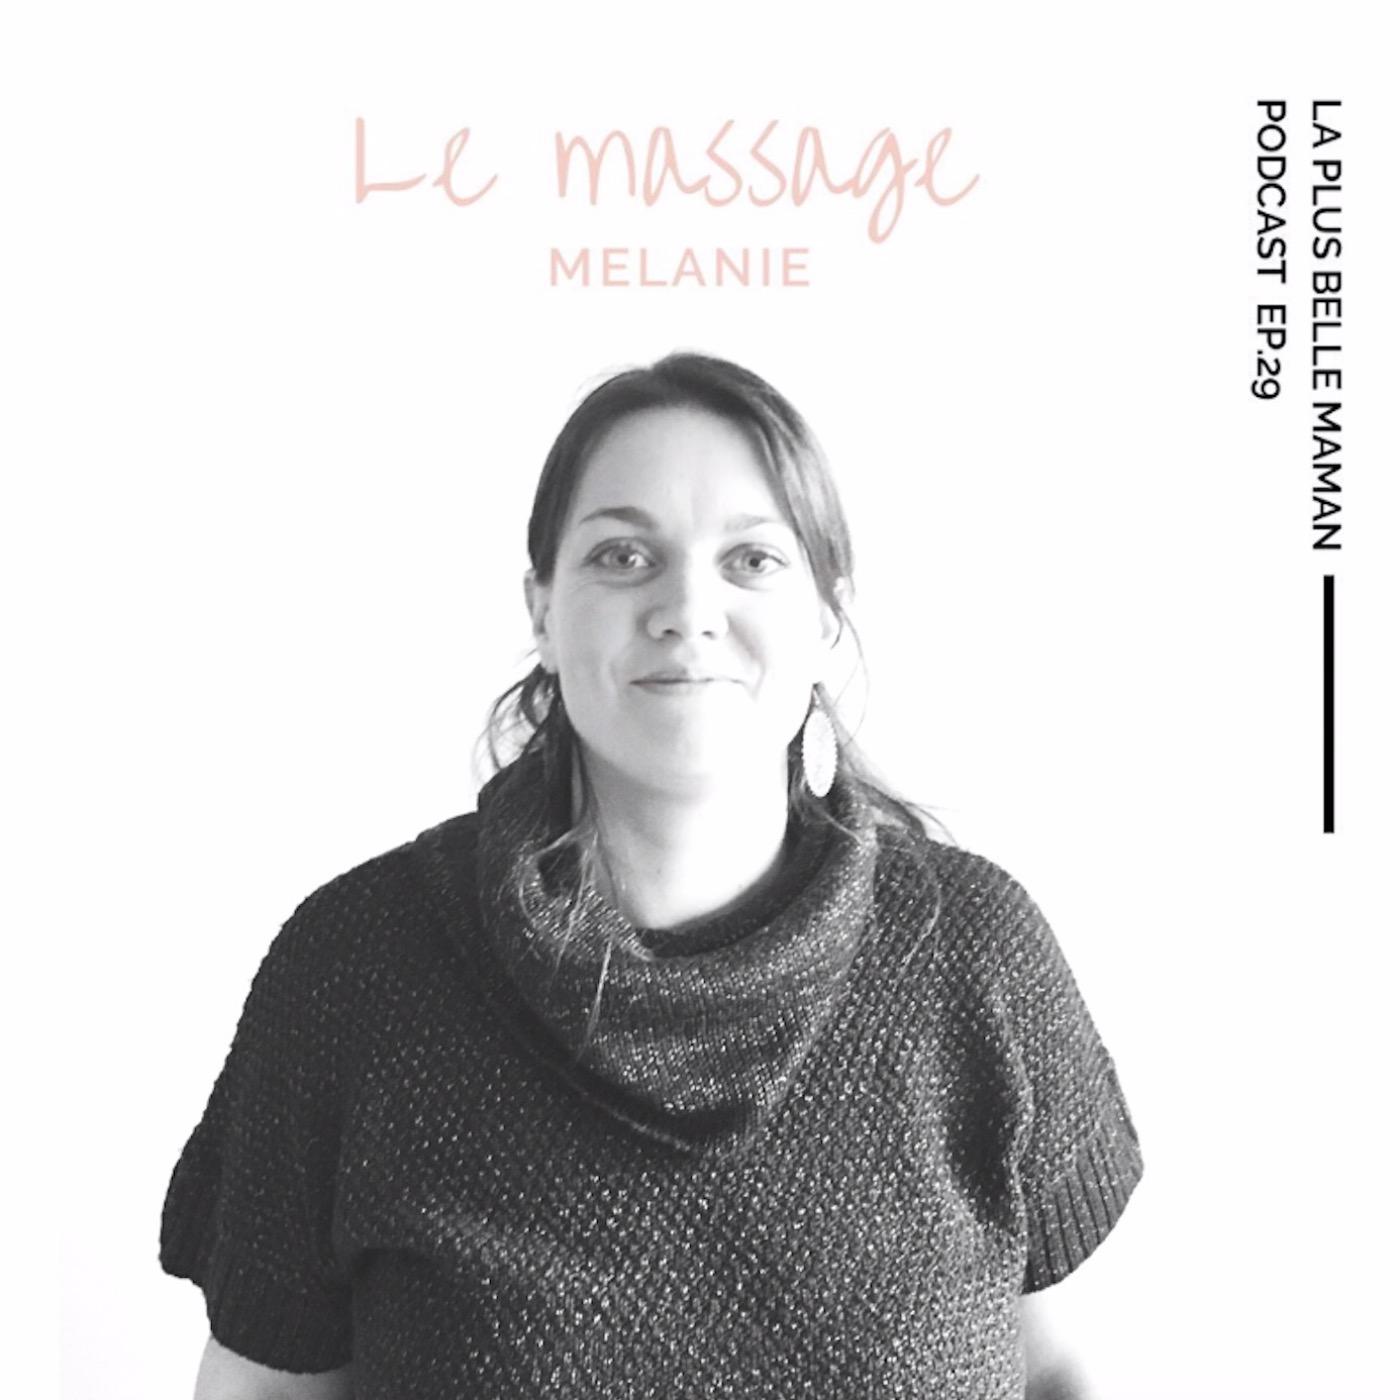 Les bienfaits du massage pour les bébés avec Mélanie de l'Association Française du Massage pour Bébé